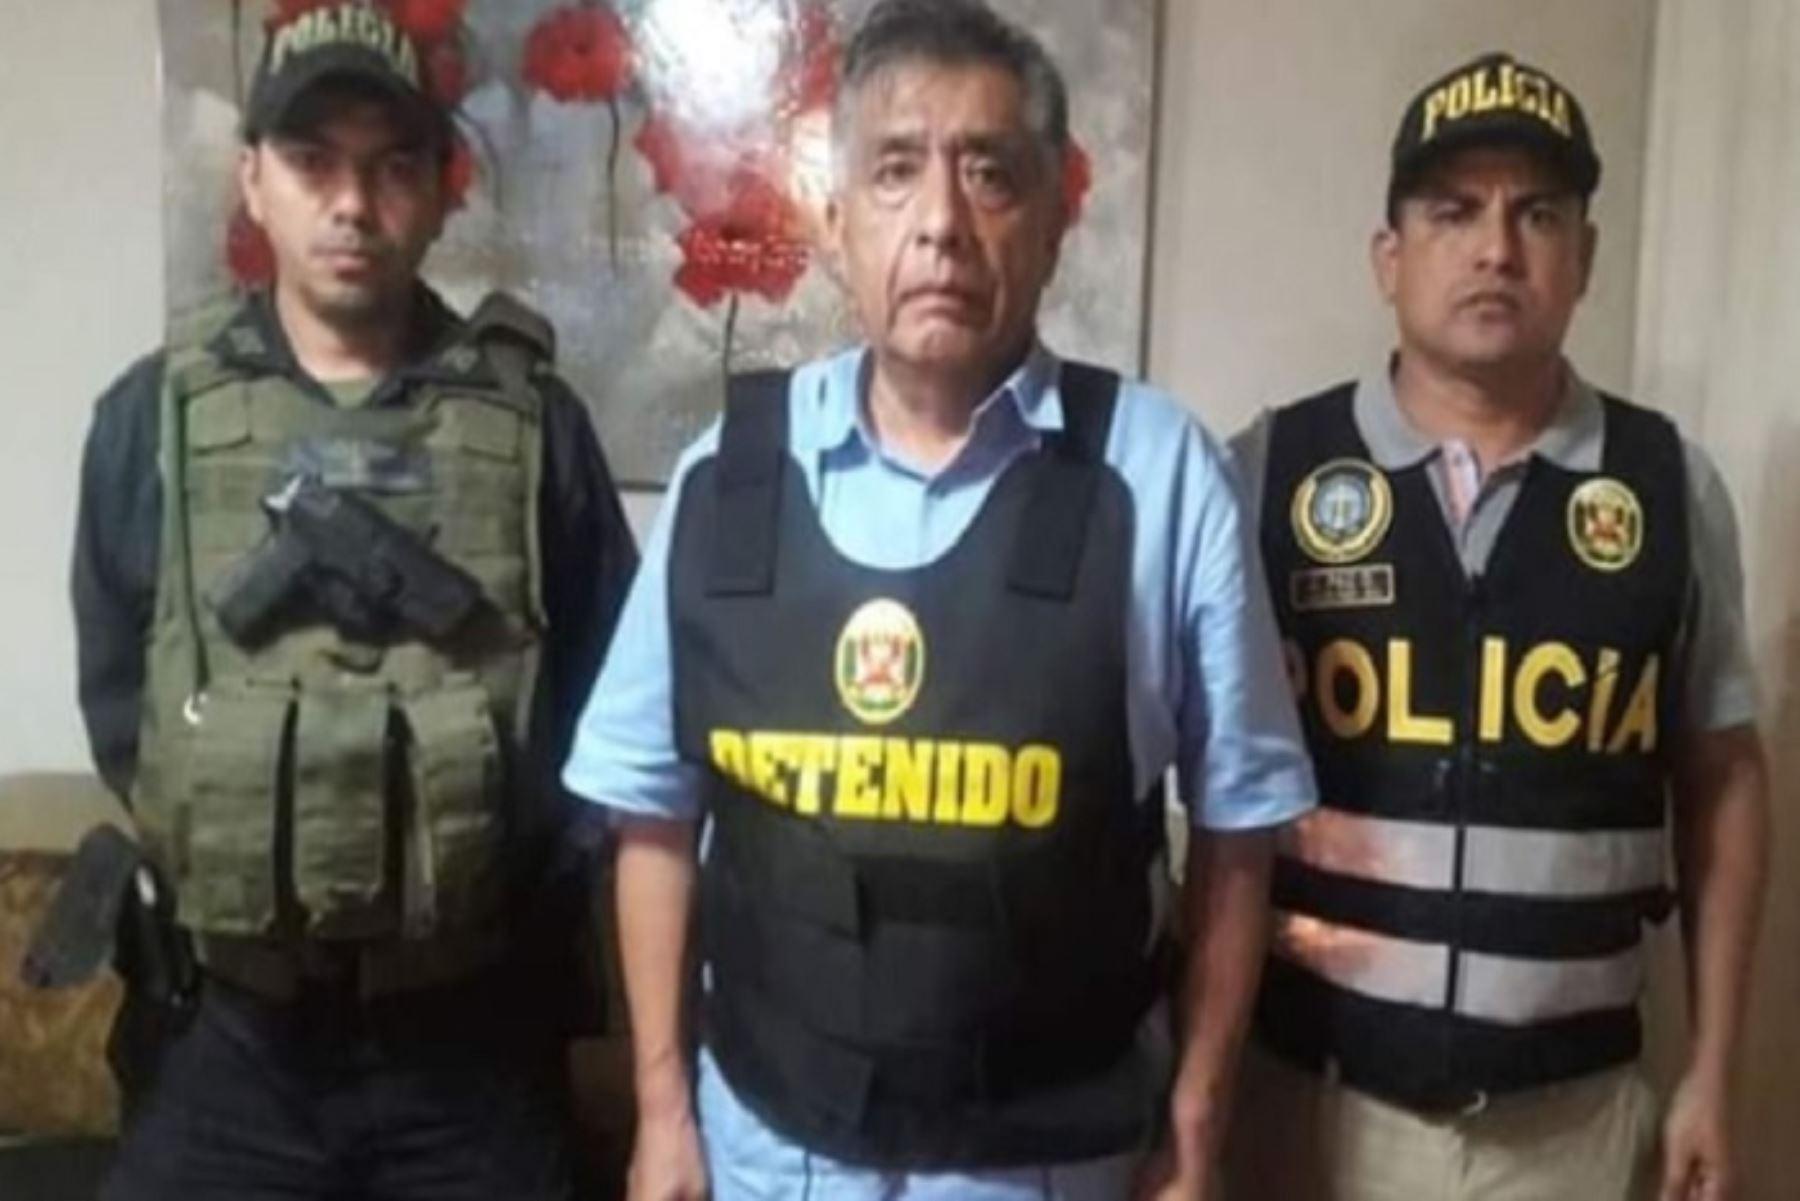 La Fiscalía Especializada contra el Criminen Organizado de Lambayeque logró que se dicte 36 meses de prisión preventiva contra el exalcalde de Chiclayo, David Cornejo Chinguel, presunto líder de la organización criminal 'Los Temerarios del Crimen'.